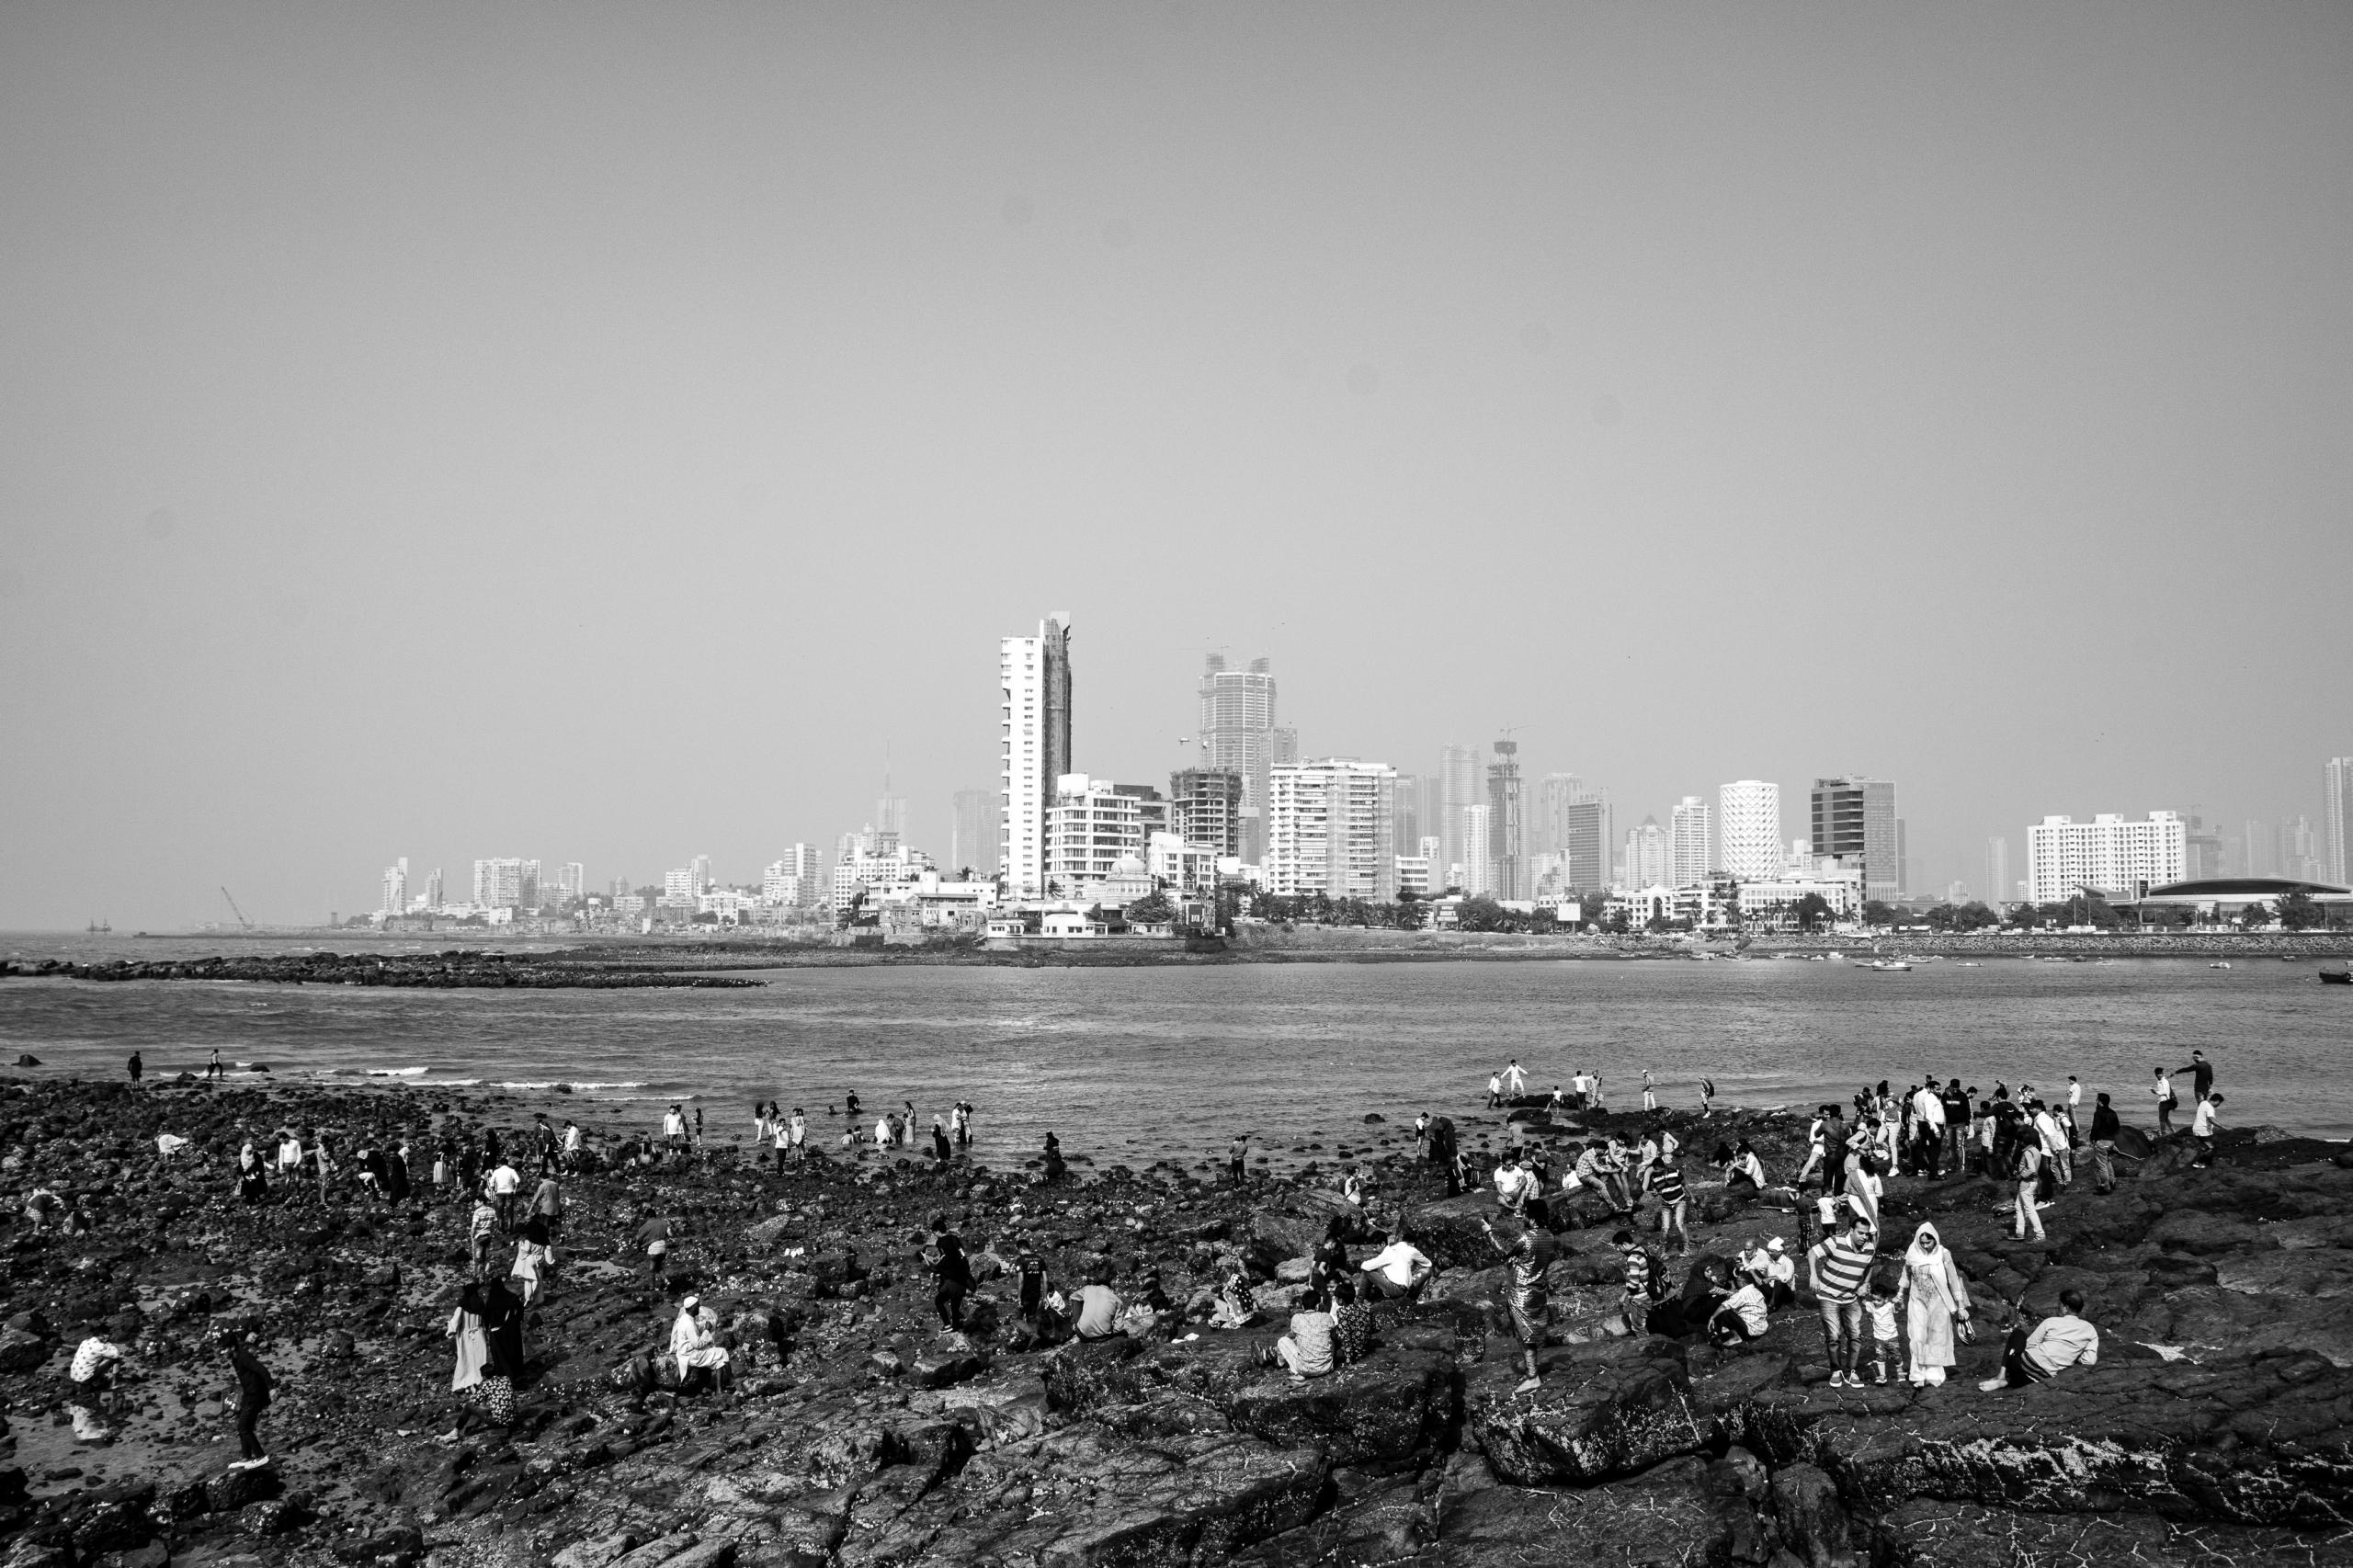 Relaks, zabawy i kapięle. W tle wieżowce Mahalakshmi i Worli | Haji Ali Dargah | Mumbaj | Indie